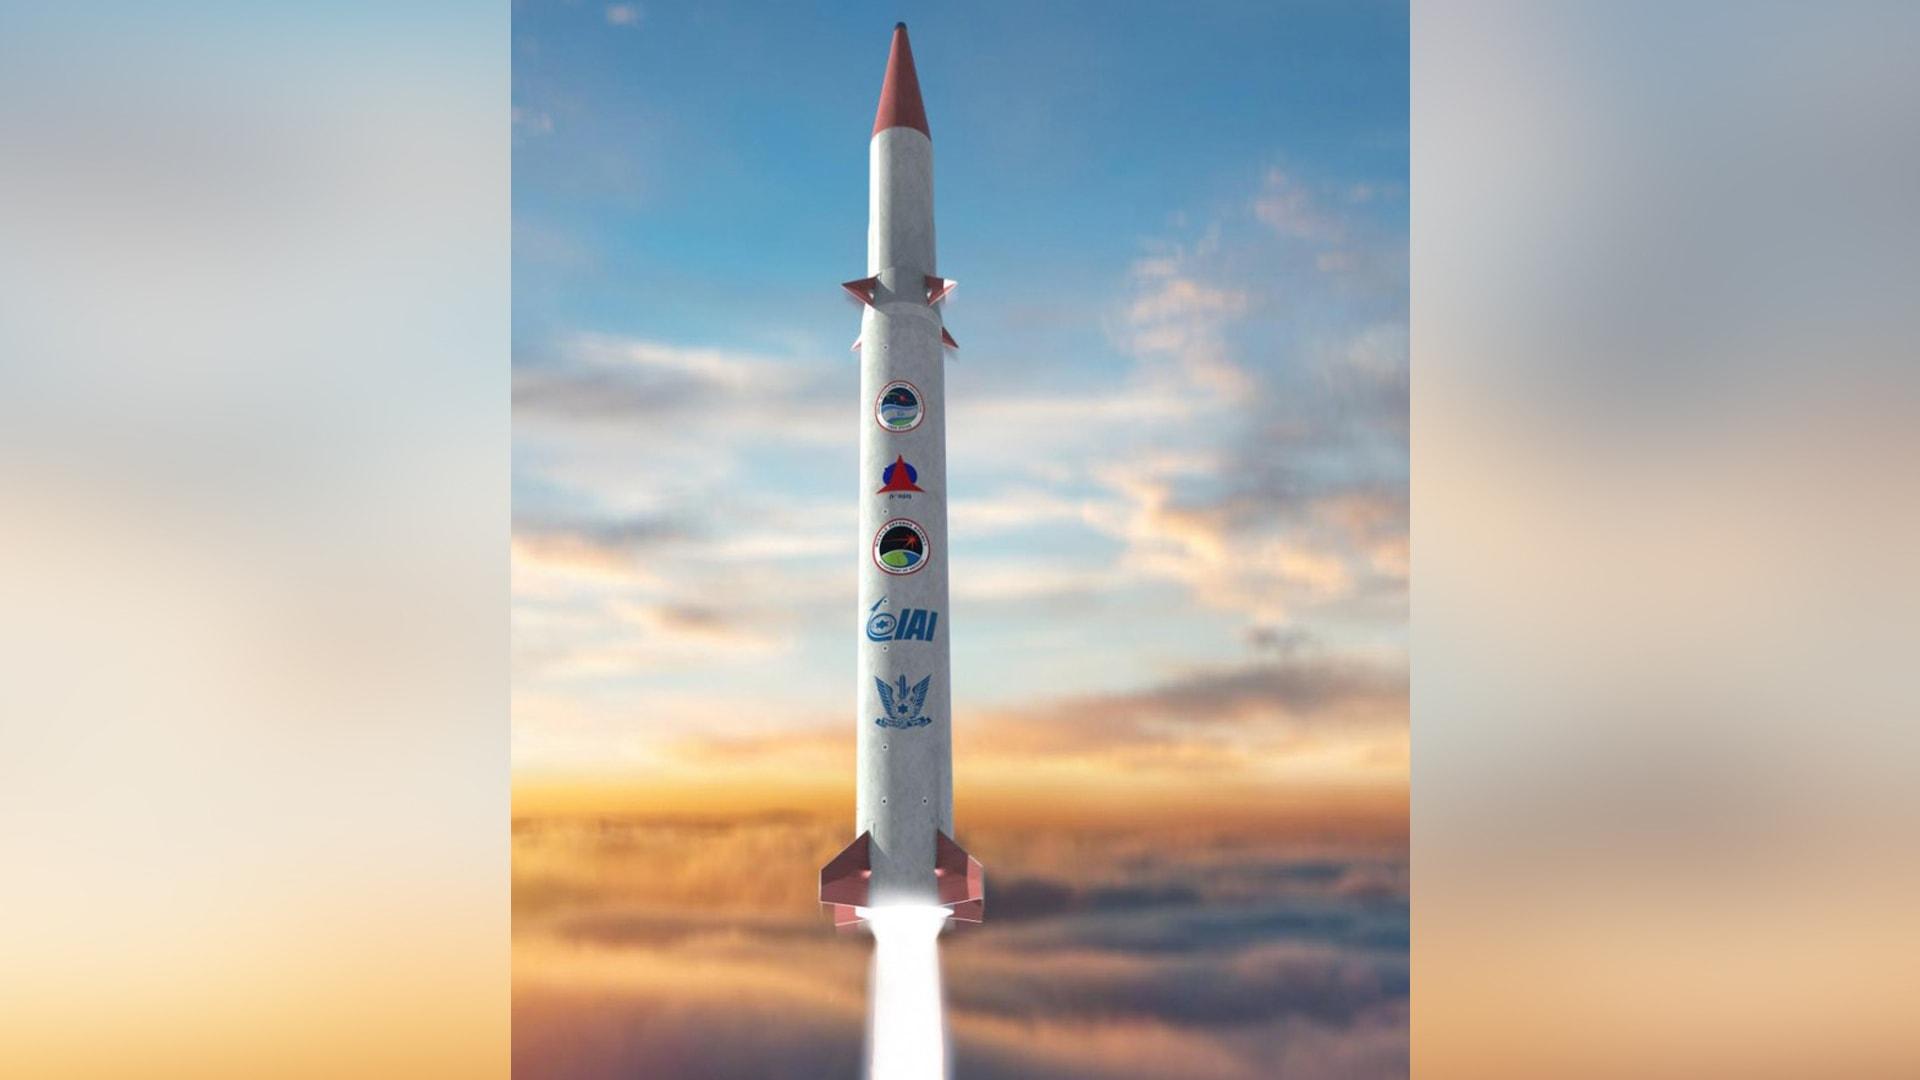 """إسرائيل والولايات المتحدة يبدأن تطوير منظومة """"حيتس 4"""" المضادة للصواريخ الباليستية"""